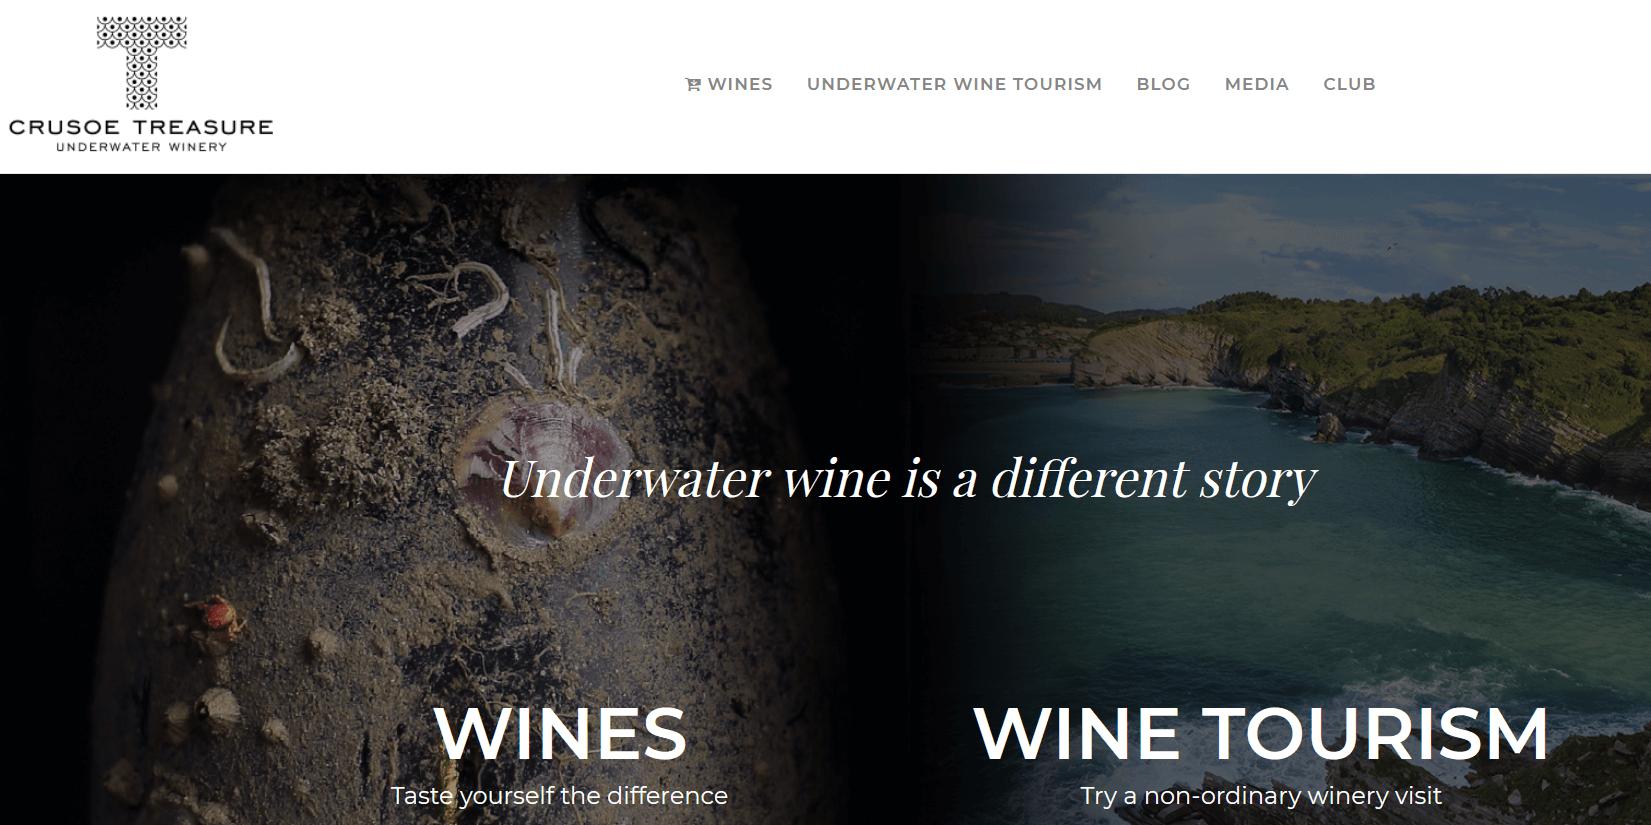 crusoe-treasure-underwater-winery